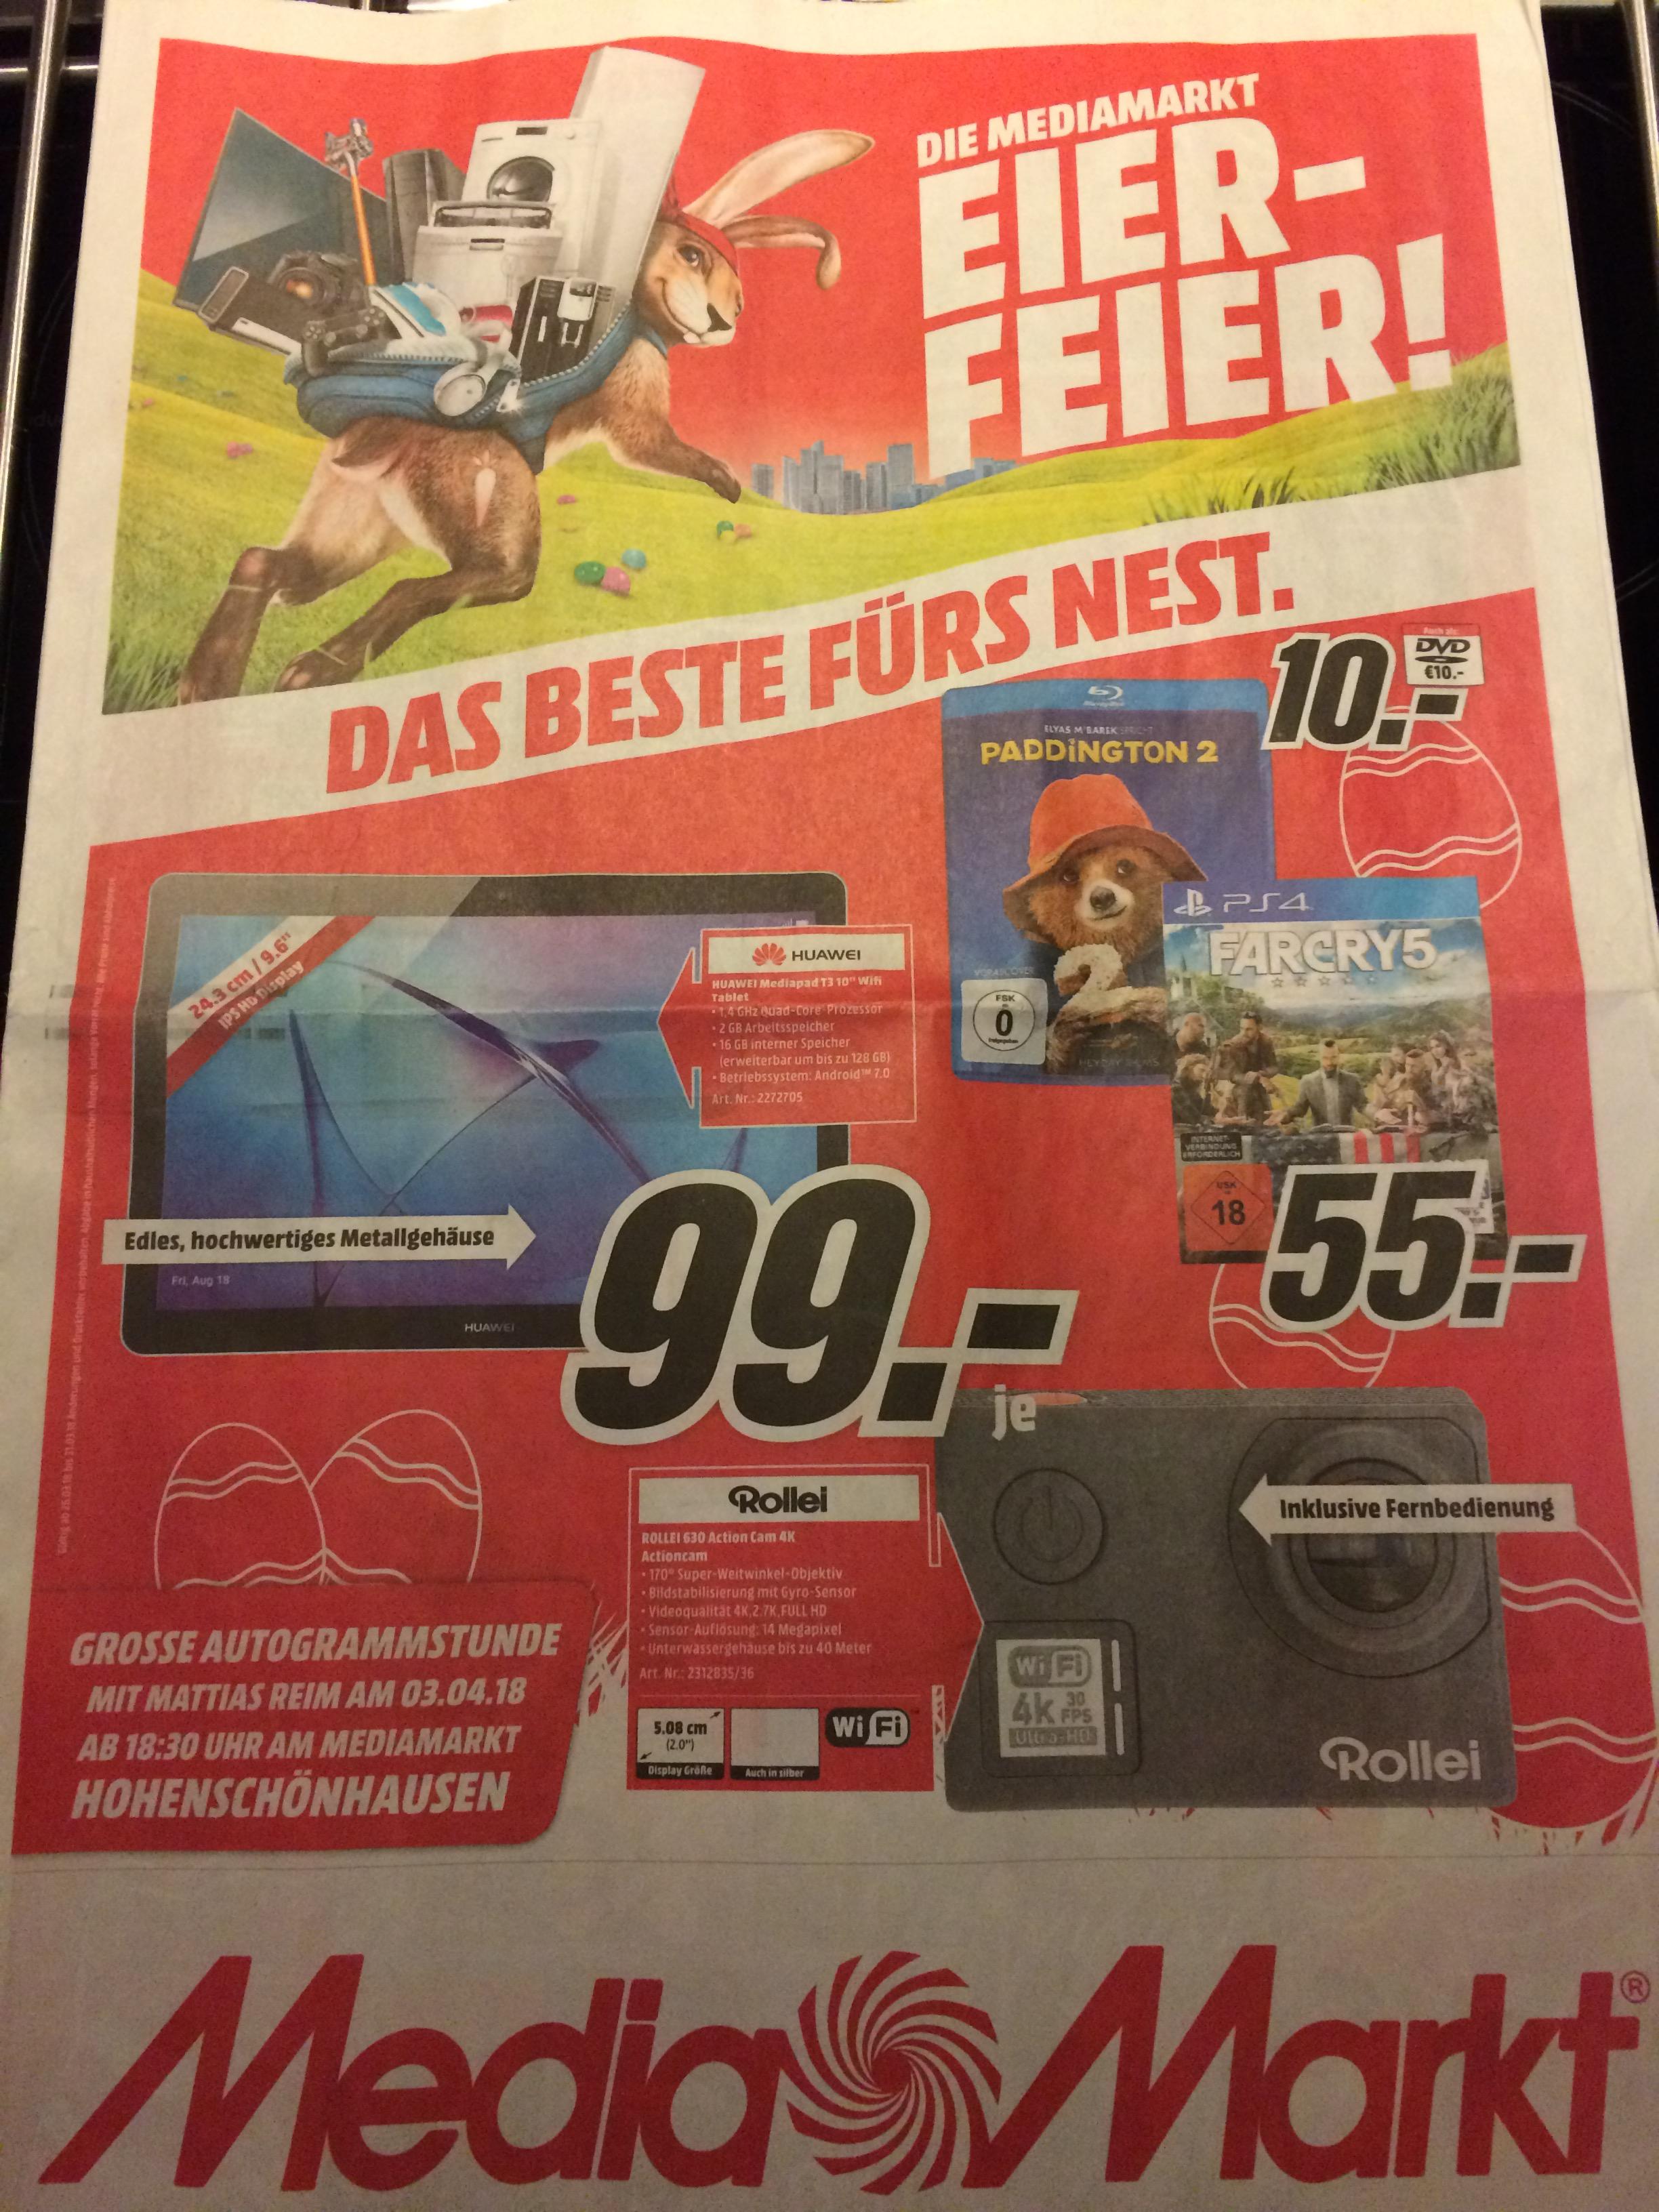 [Lokal] Berlin Media Markt Gaming Zubehör Schnäppchen